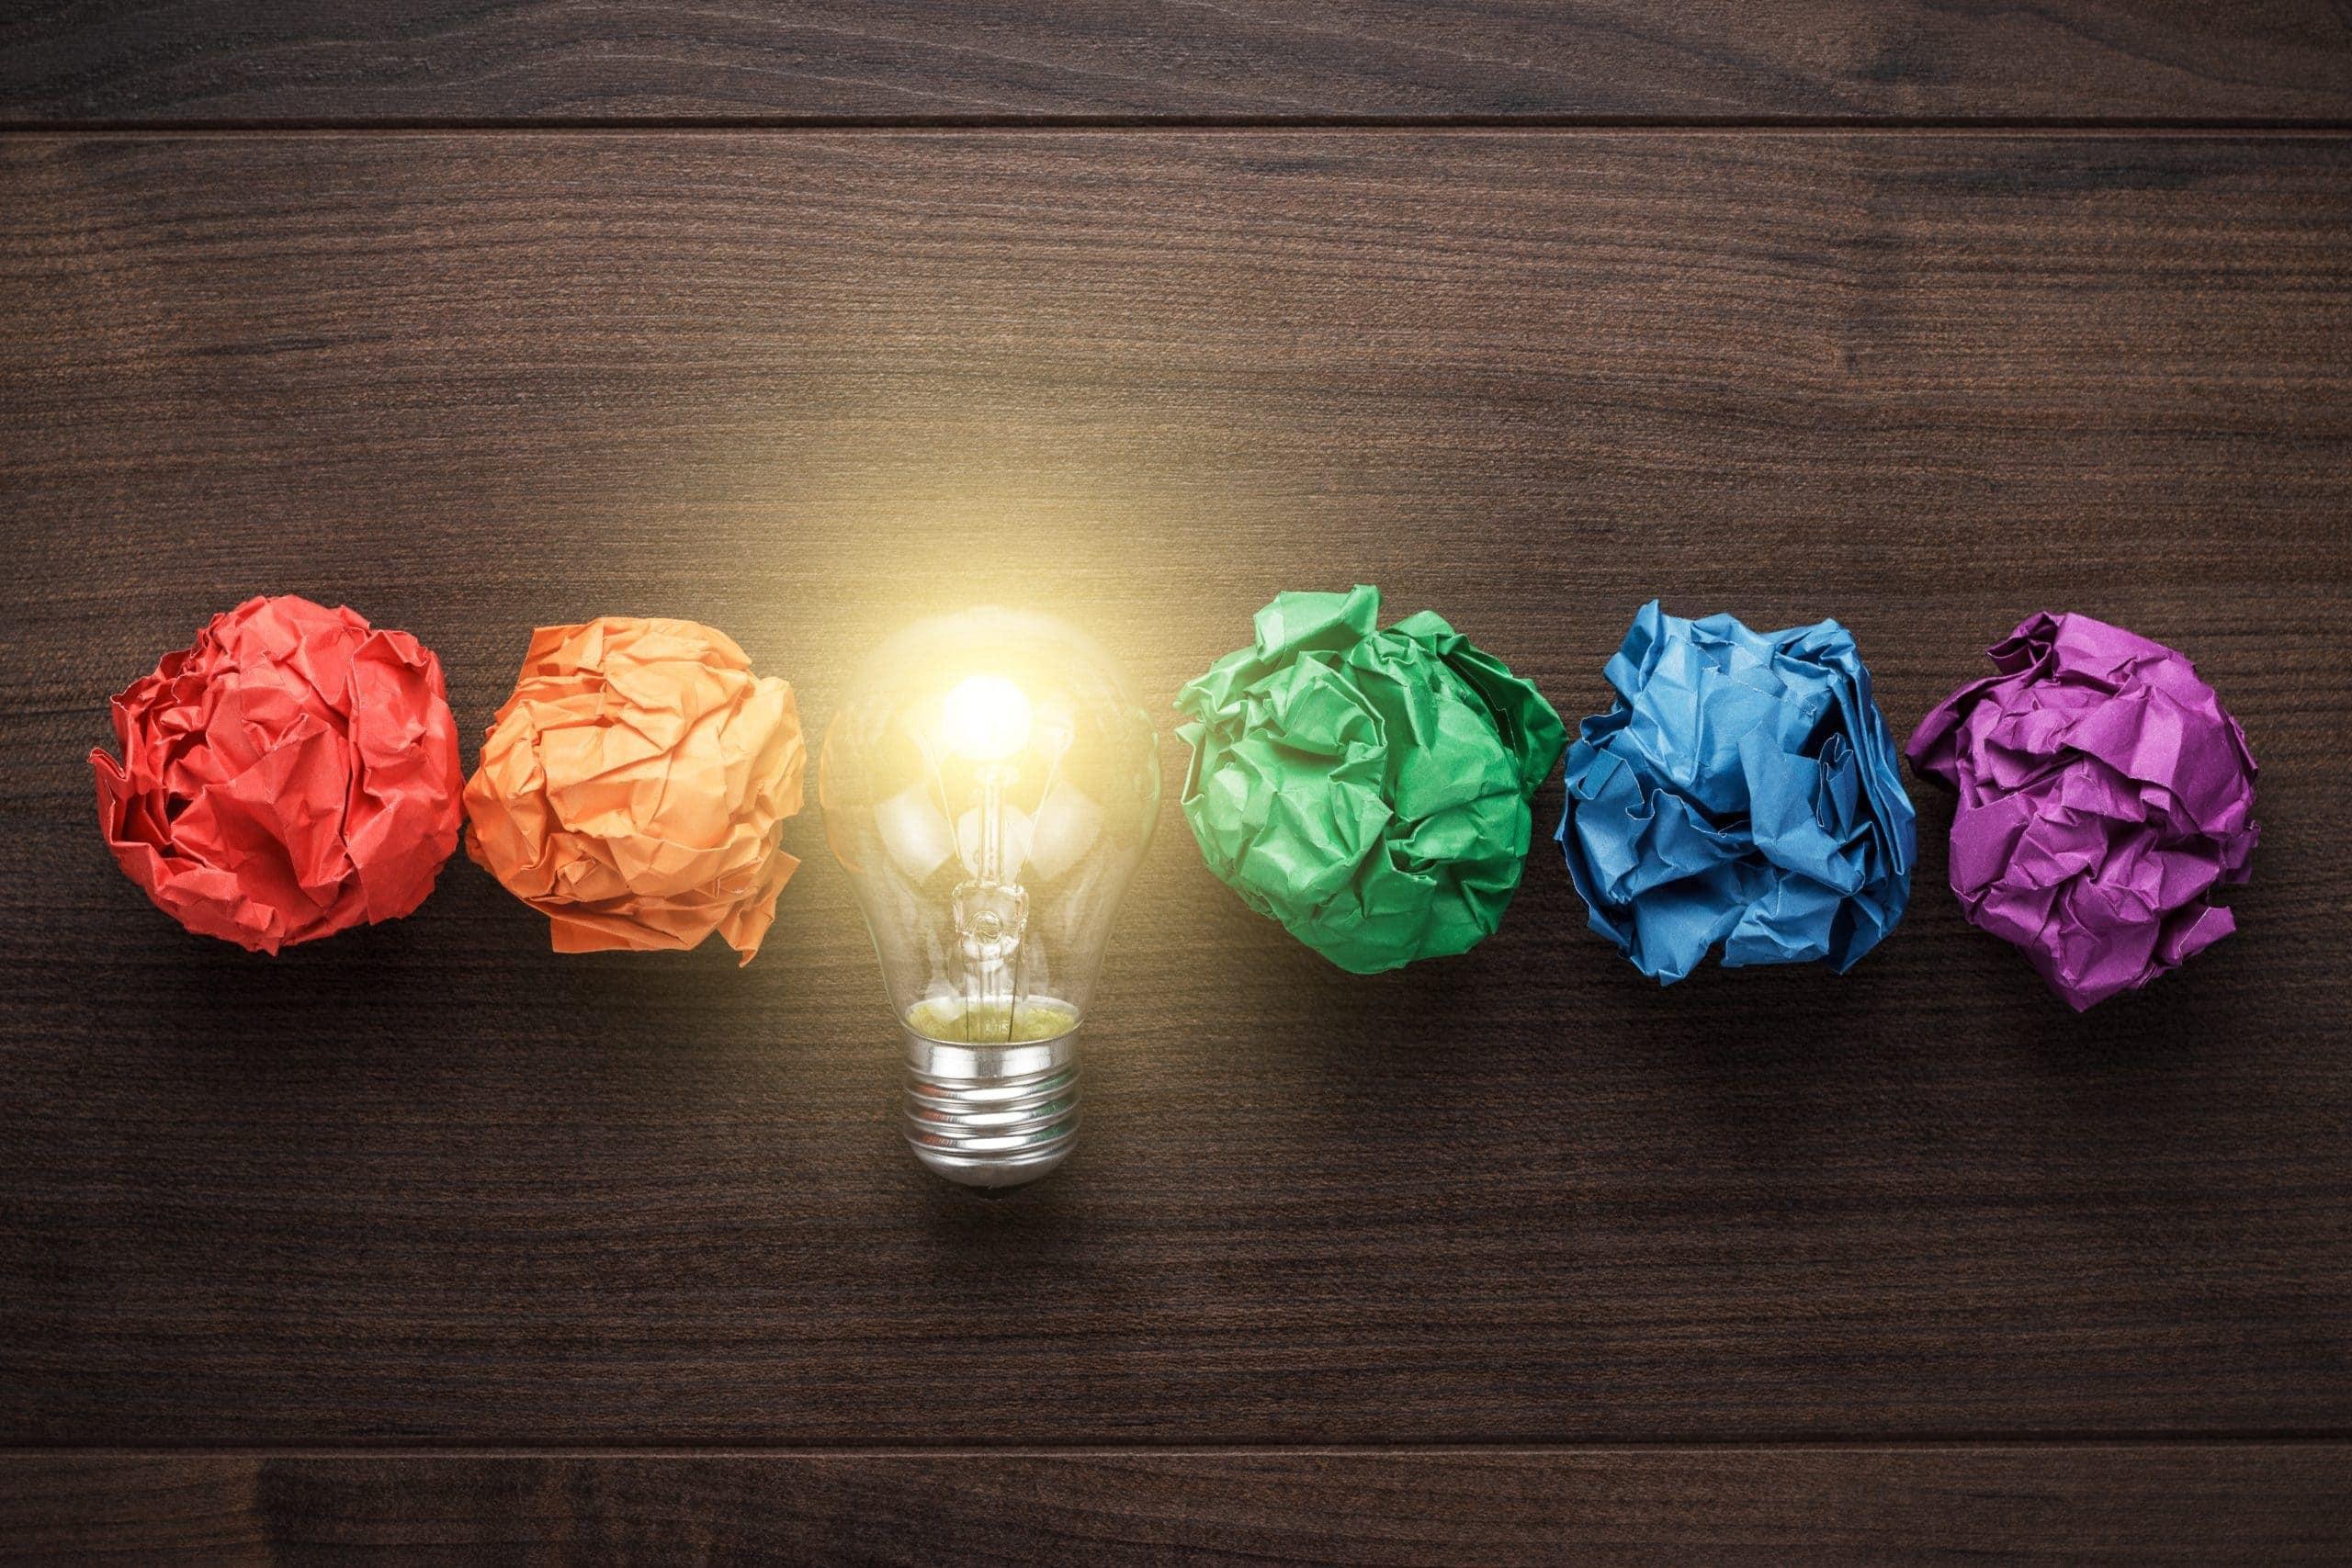 Eine Bitcoin-Glühbirne in mitten von buntem Papier.